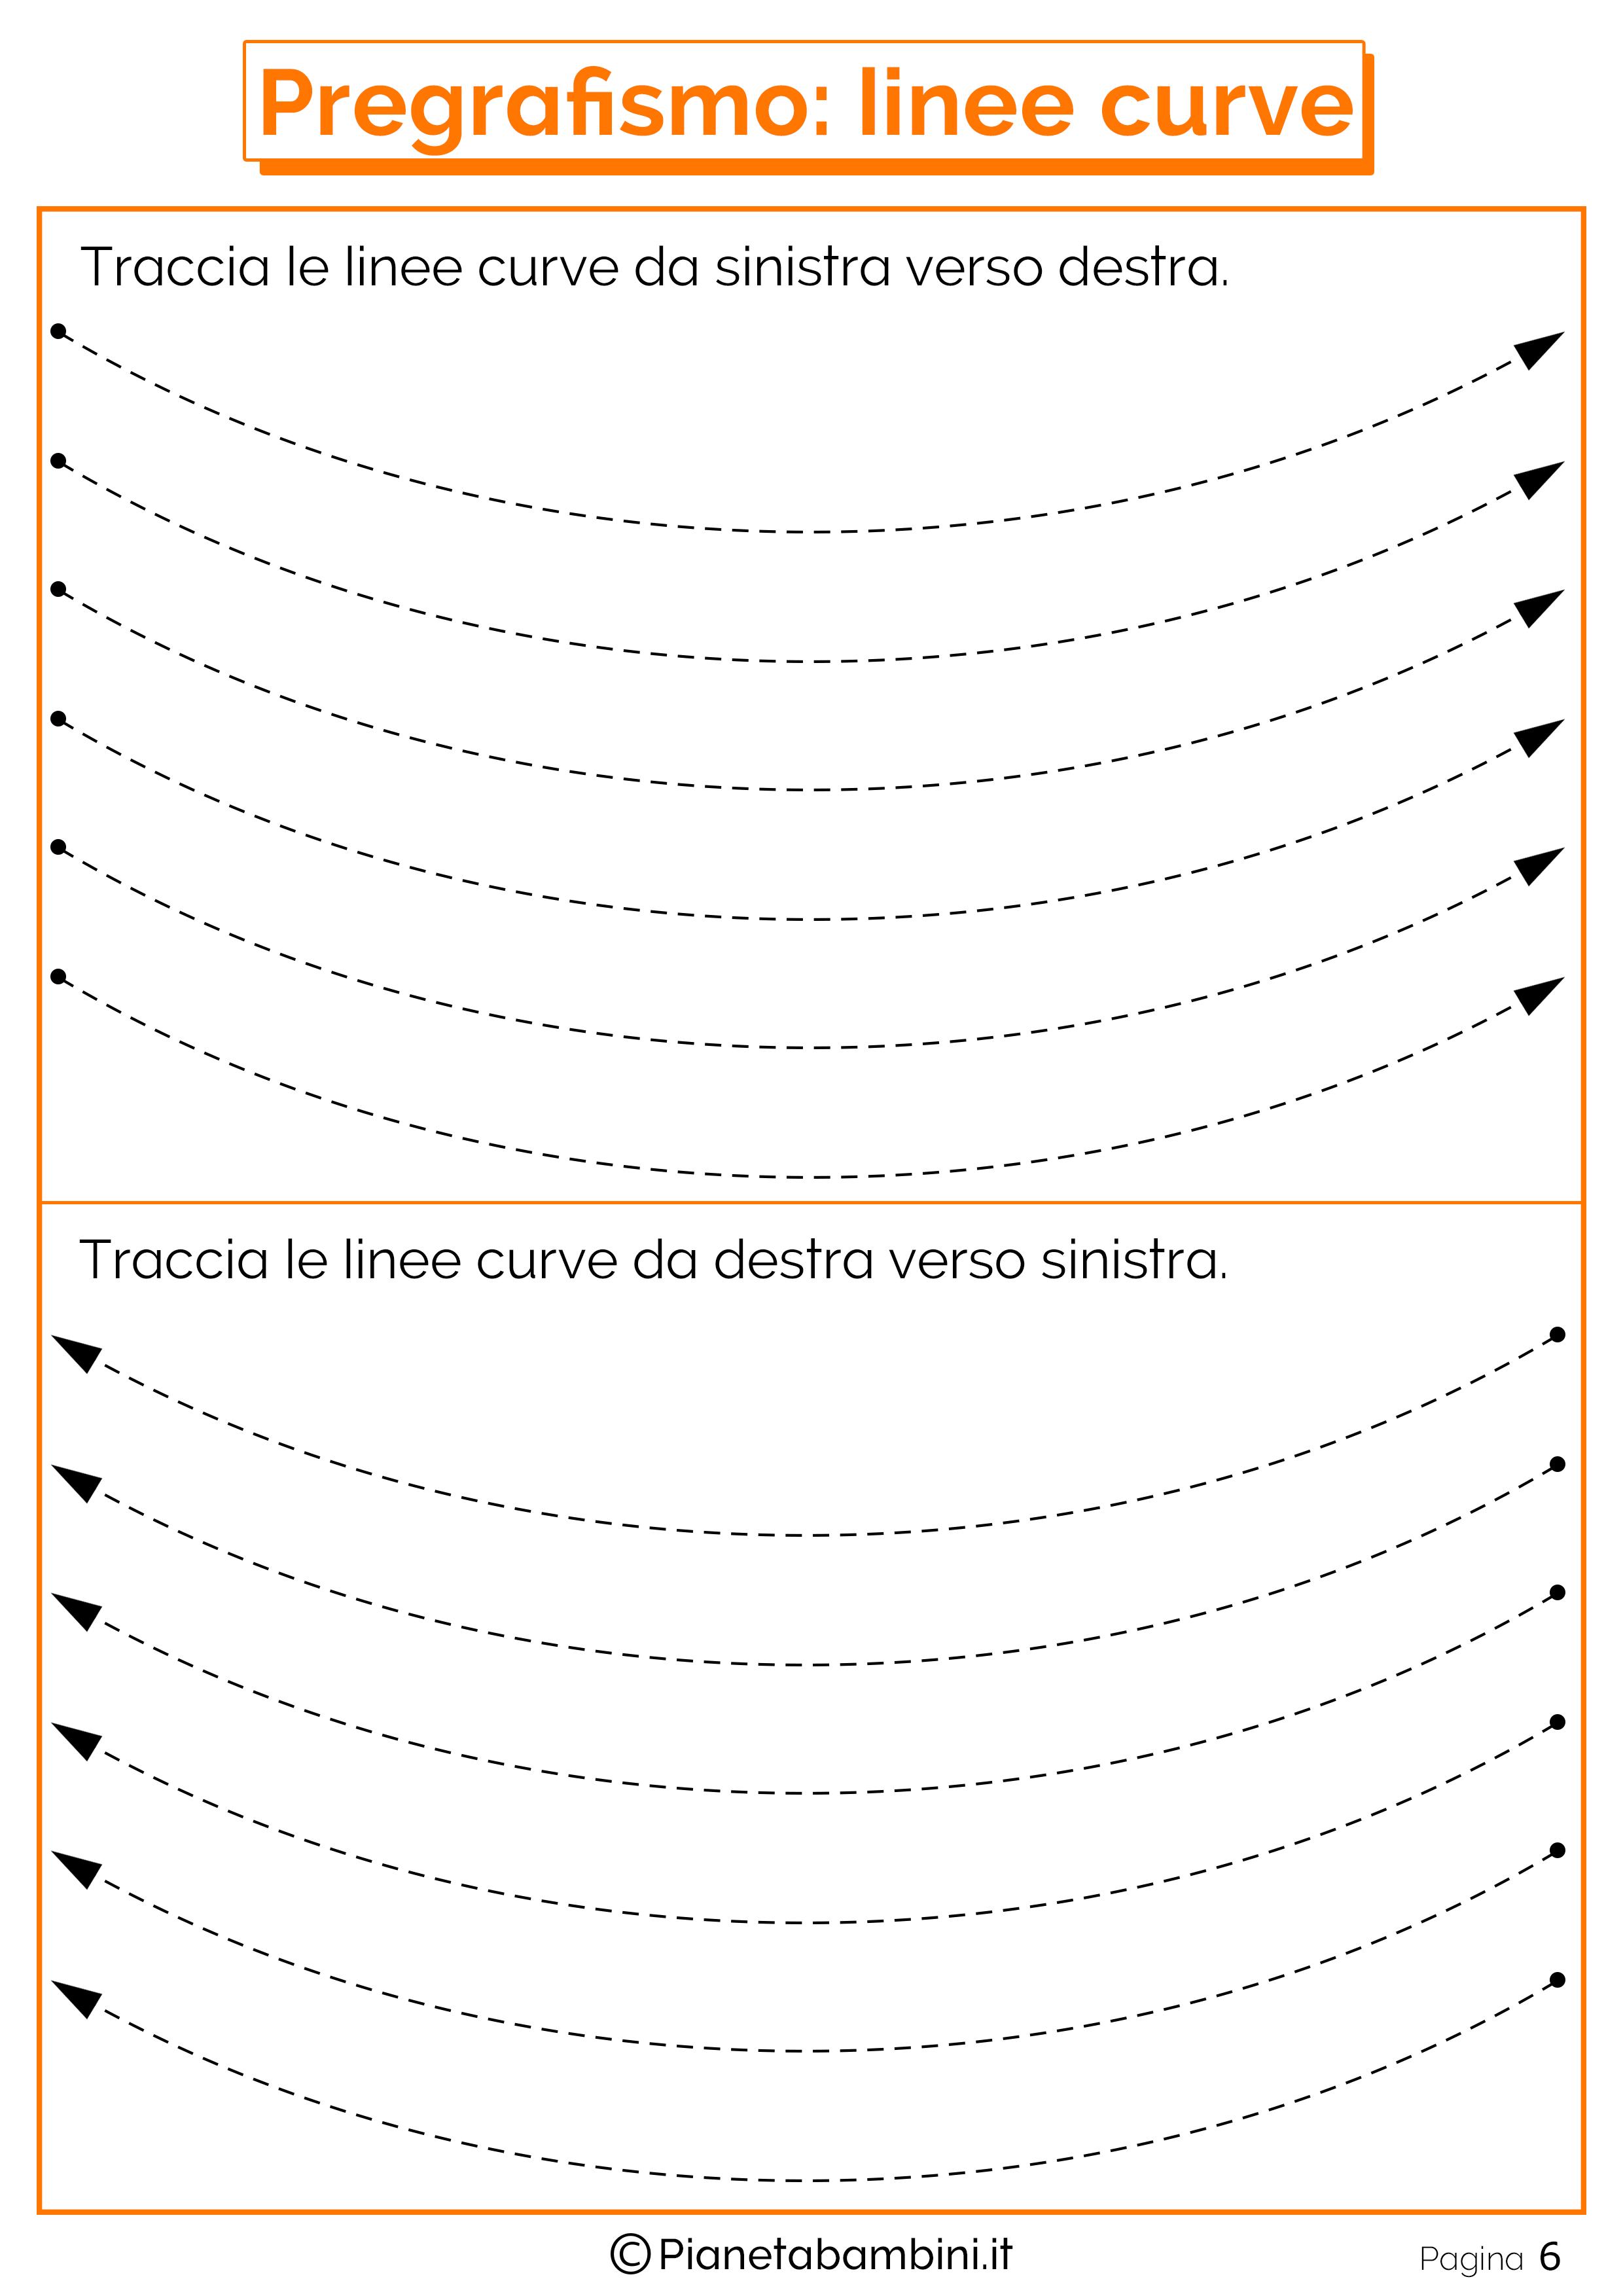 Pregrafismo-Linee-Curve_06